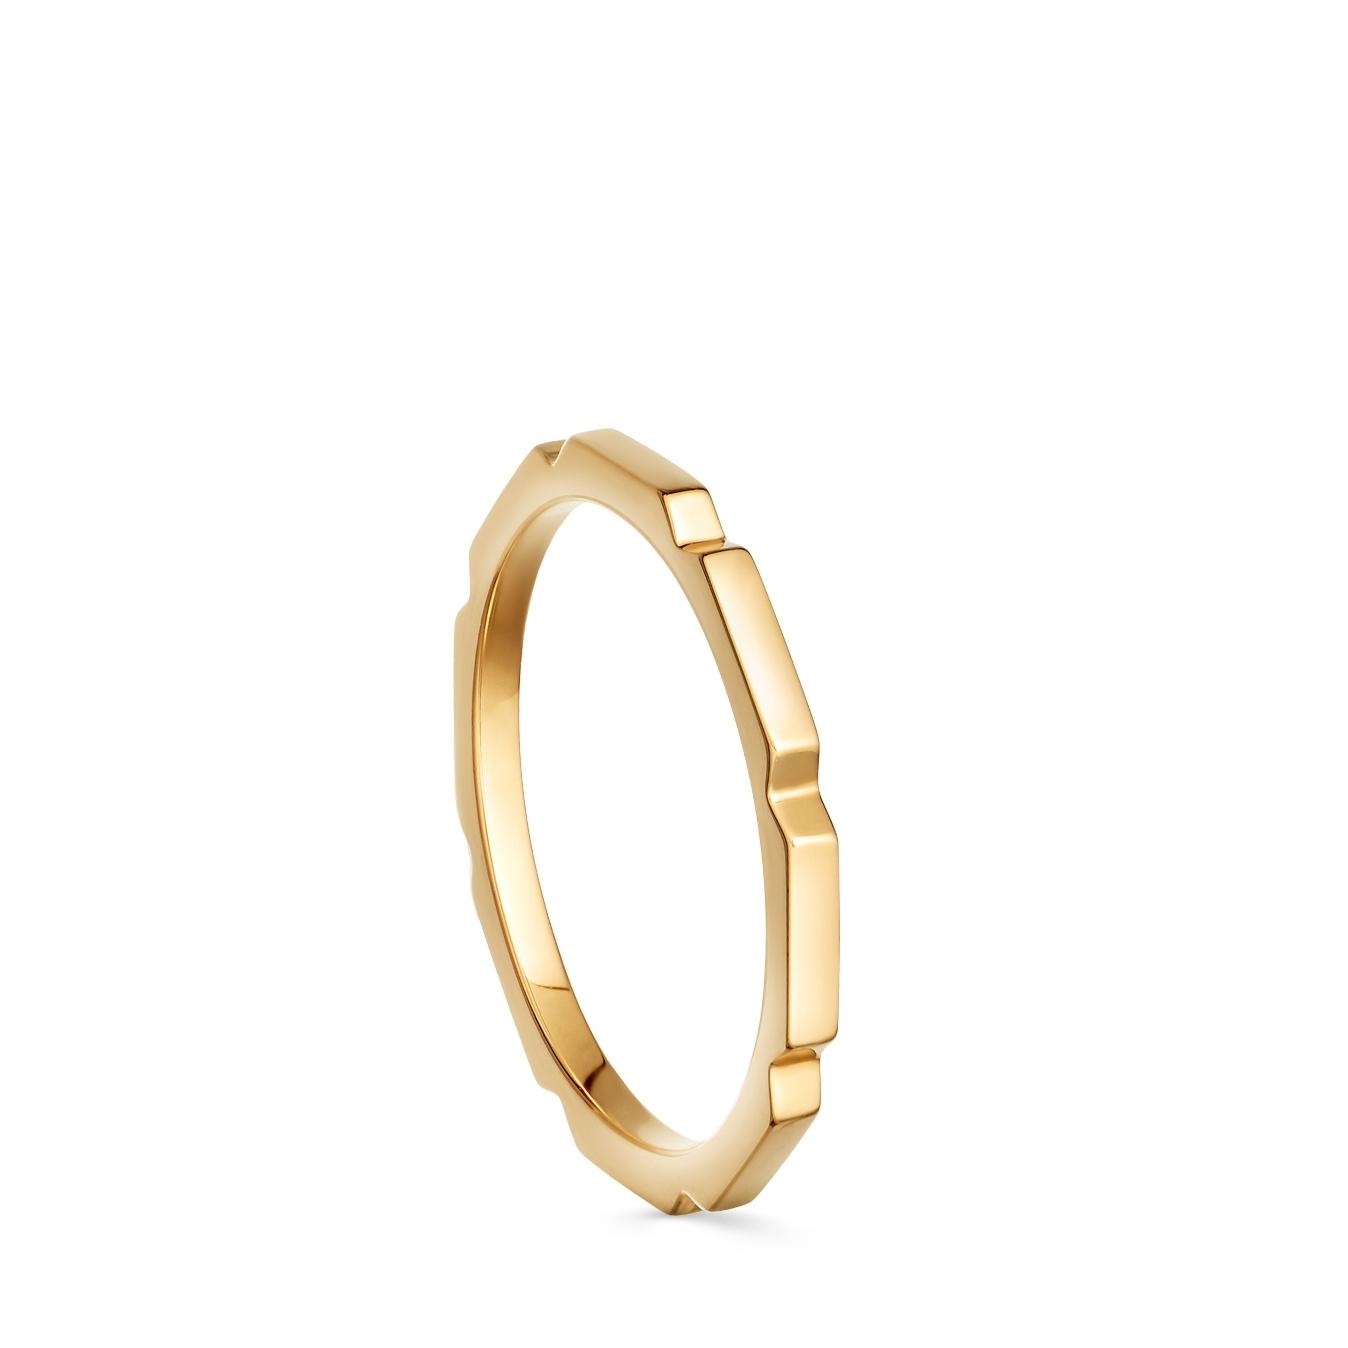 Aubar Ring